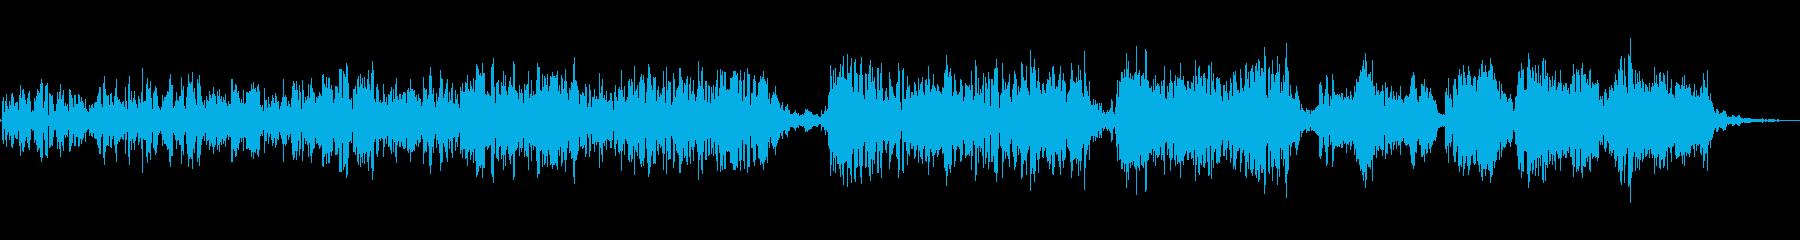 メタリックメタルムーブメント-ヘビ...の再生済みの波形